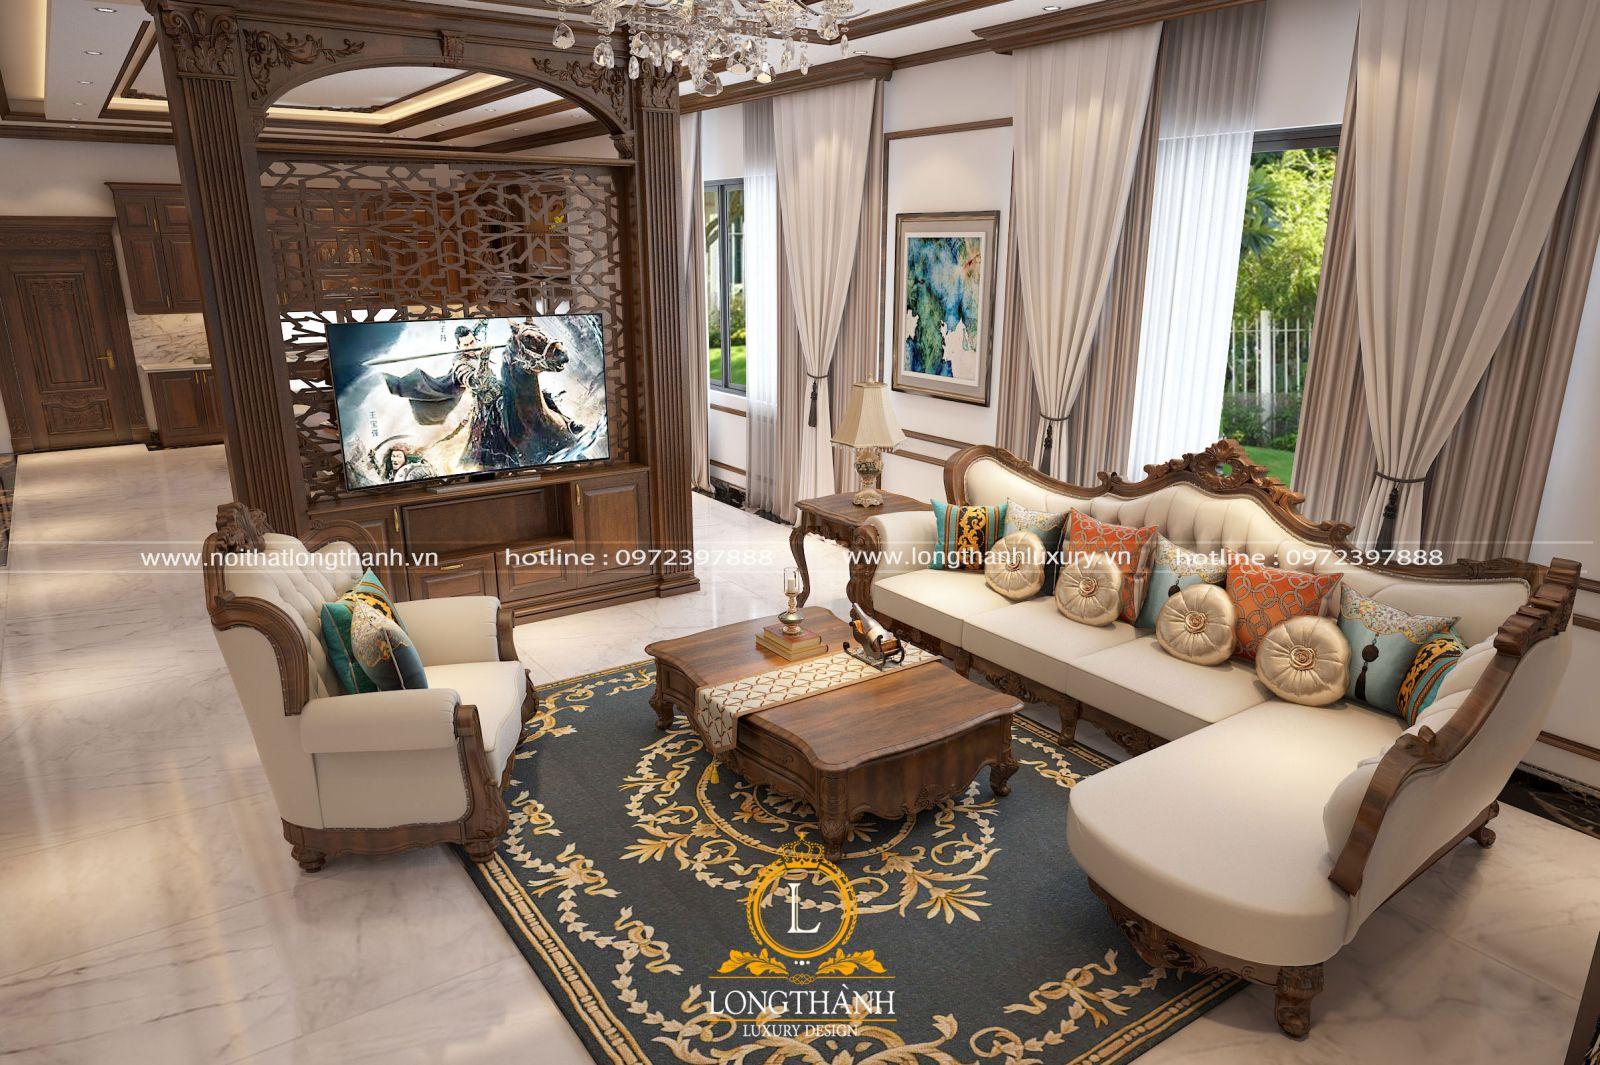 Lựa chọn đơn vị thiết kế sofa phù hợp sẽ làm cho phòng khách của bạn thêm lộng lẫy hơn